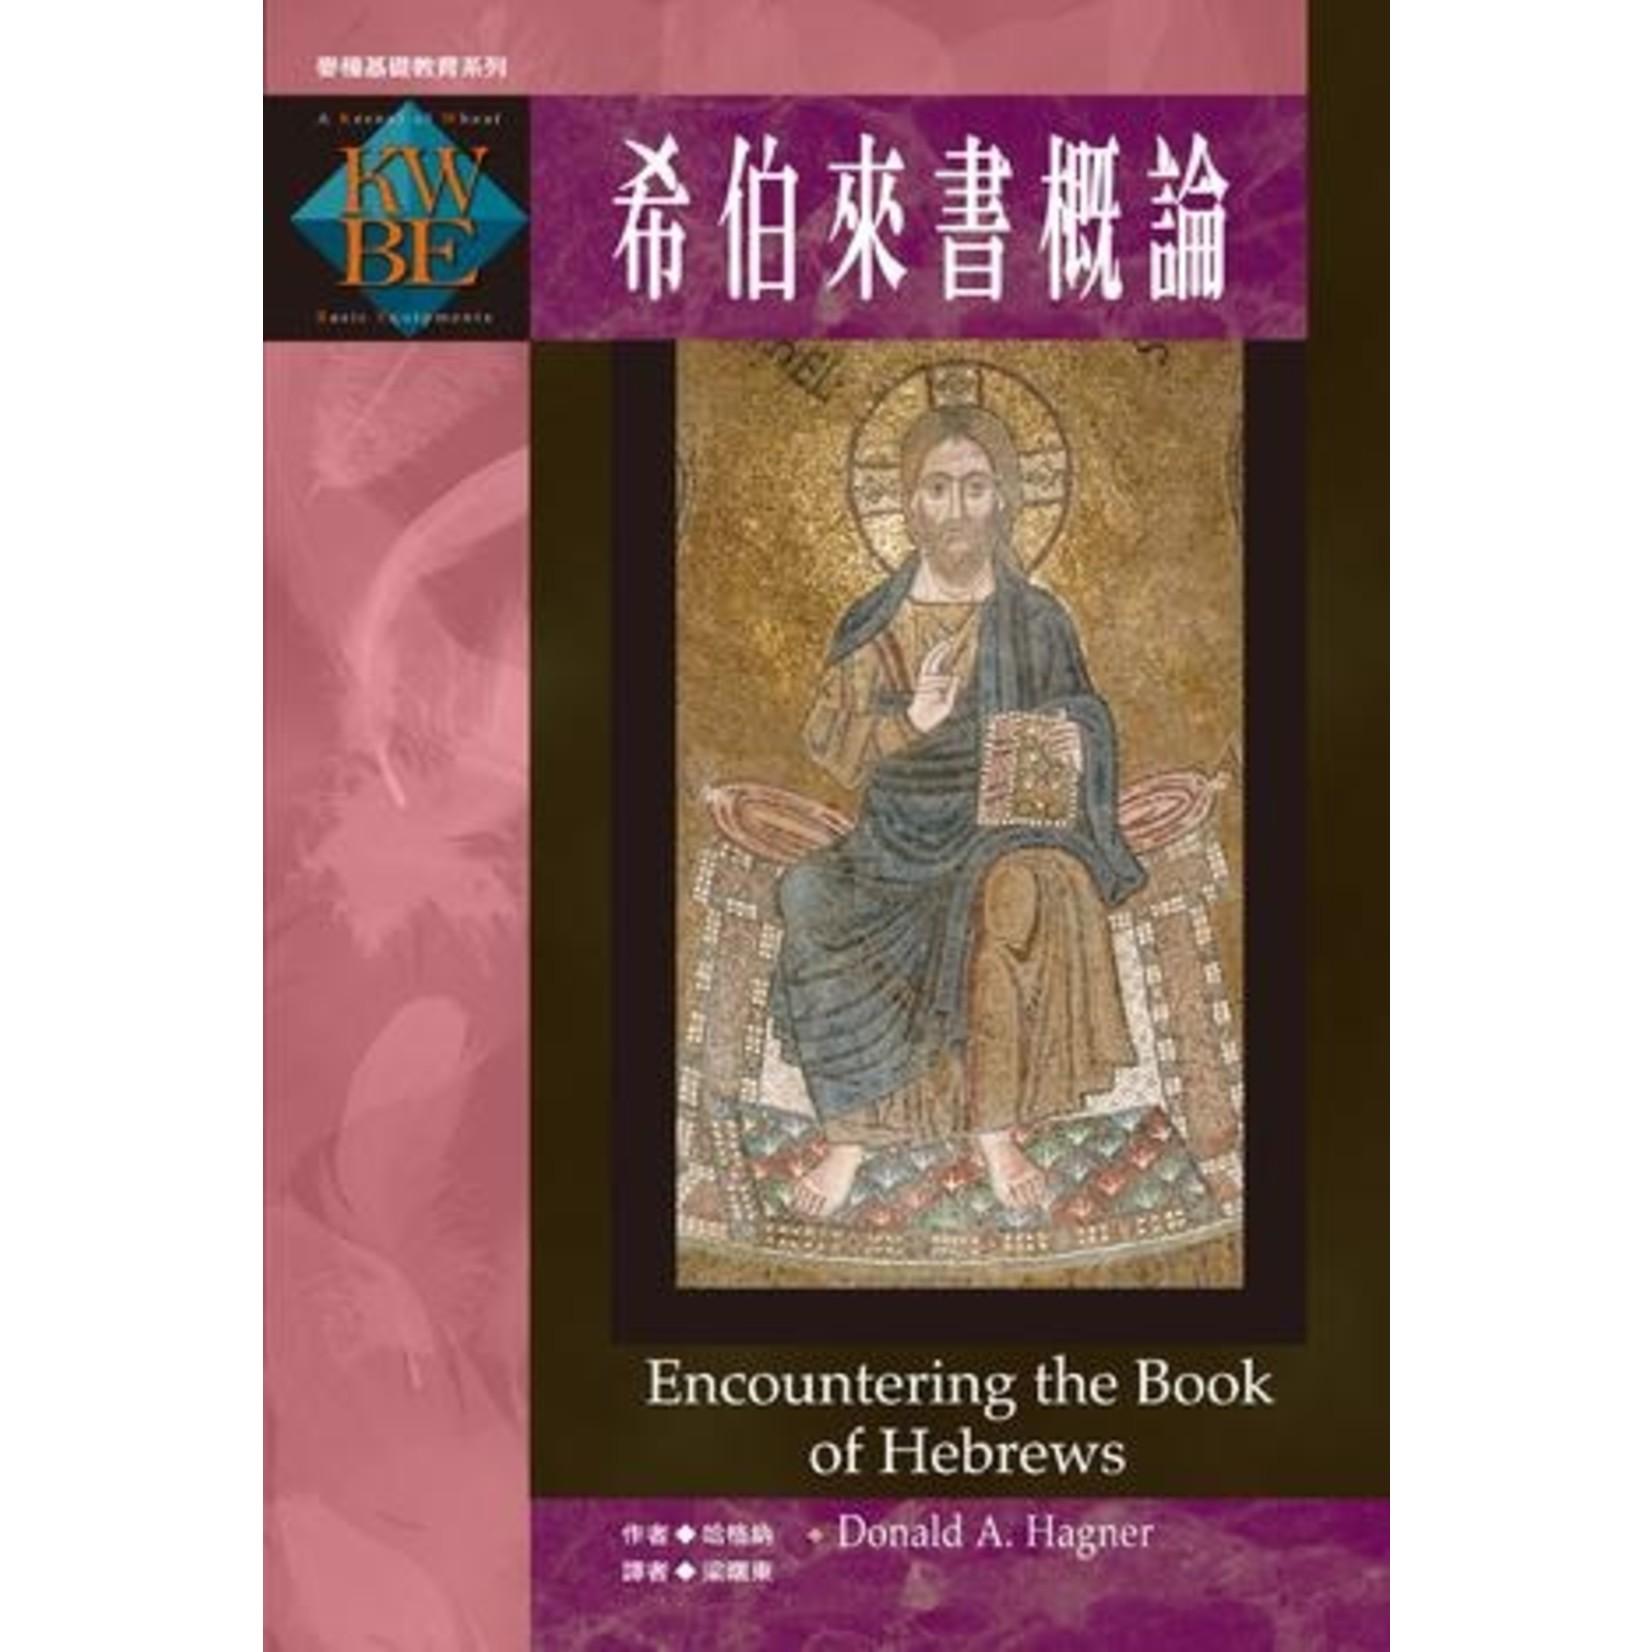 美國麥種傳道會 AKOWCM 希伯來書概論 Encountering the Book of Hebrews